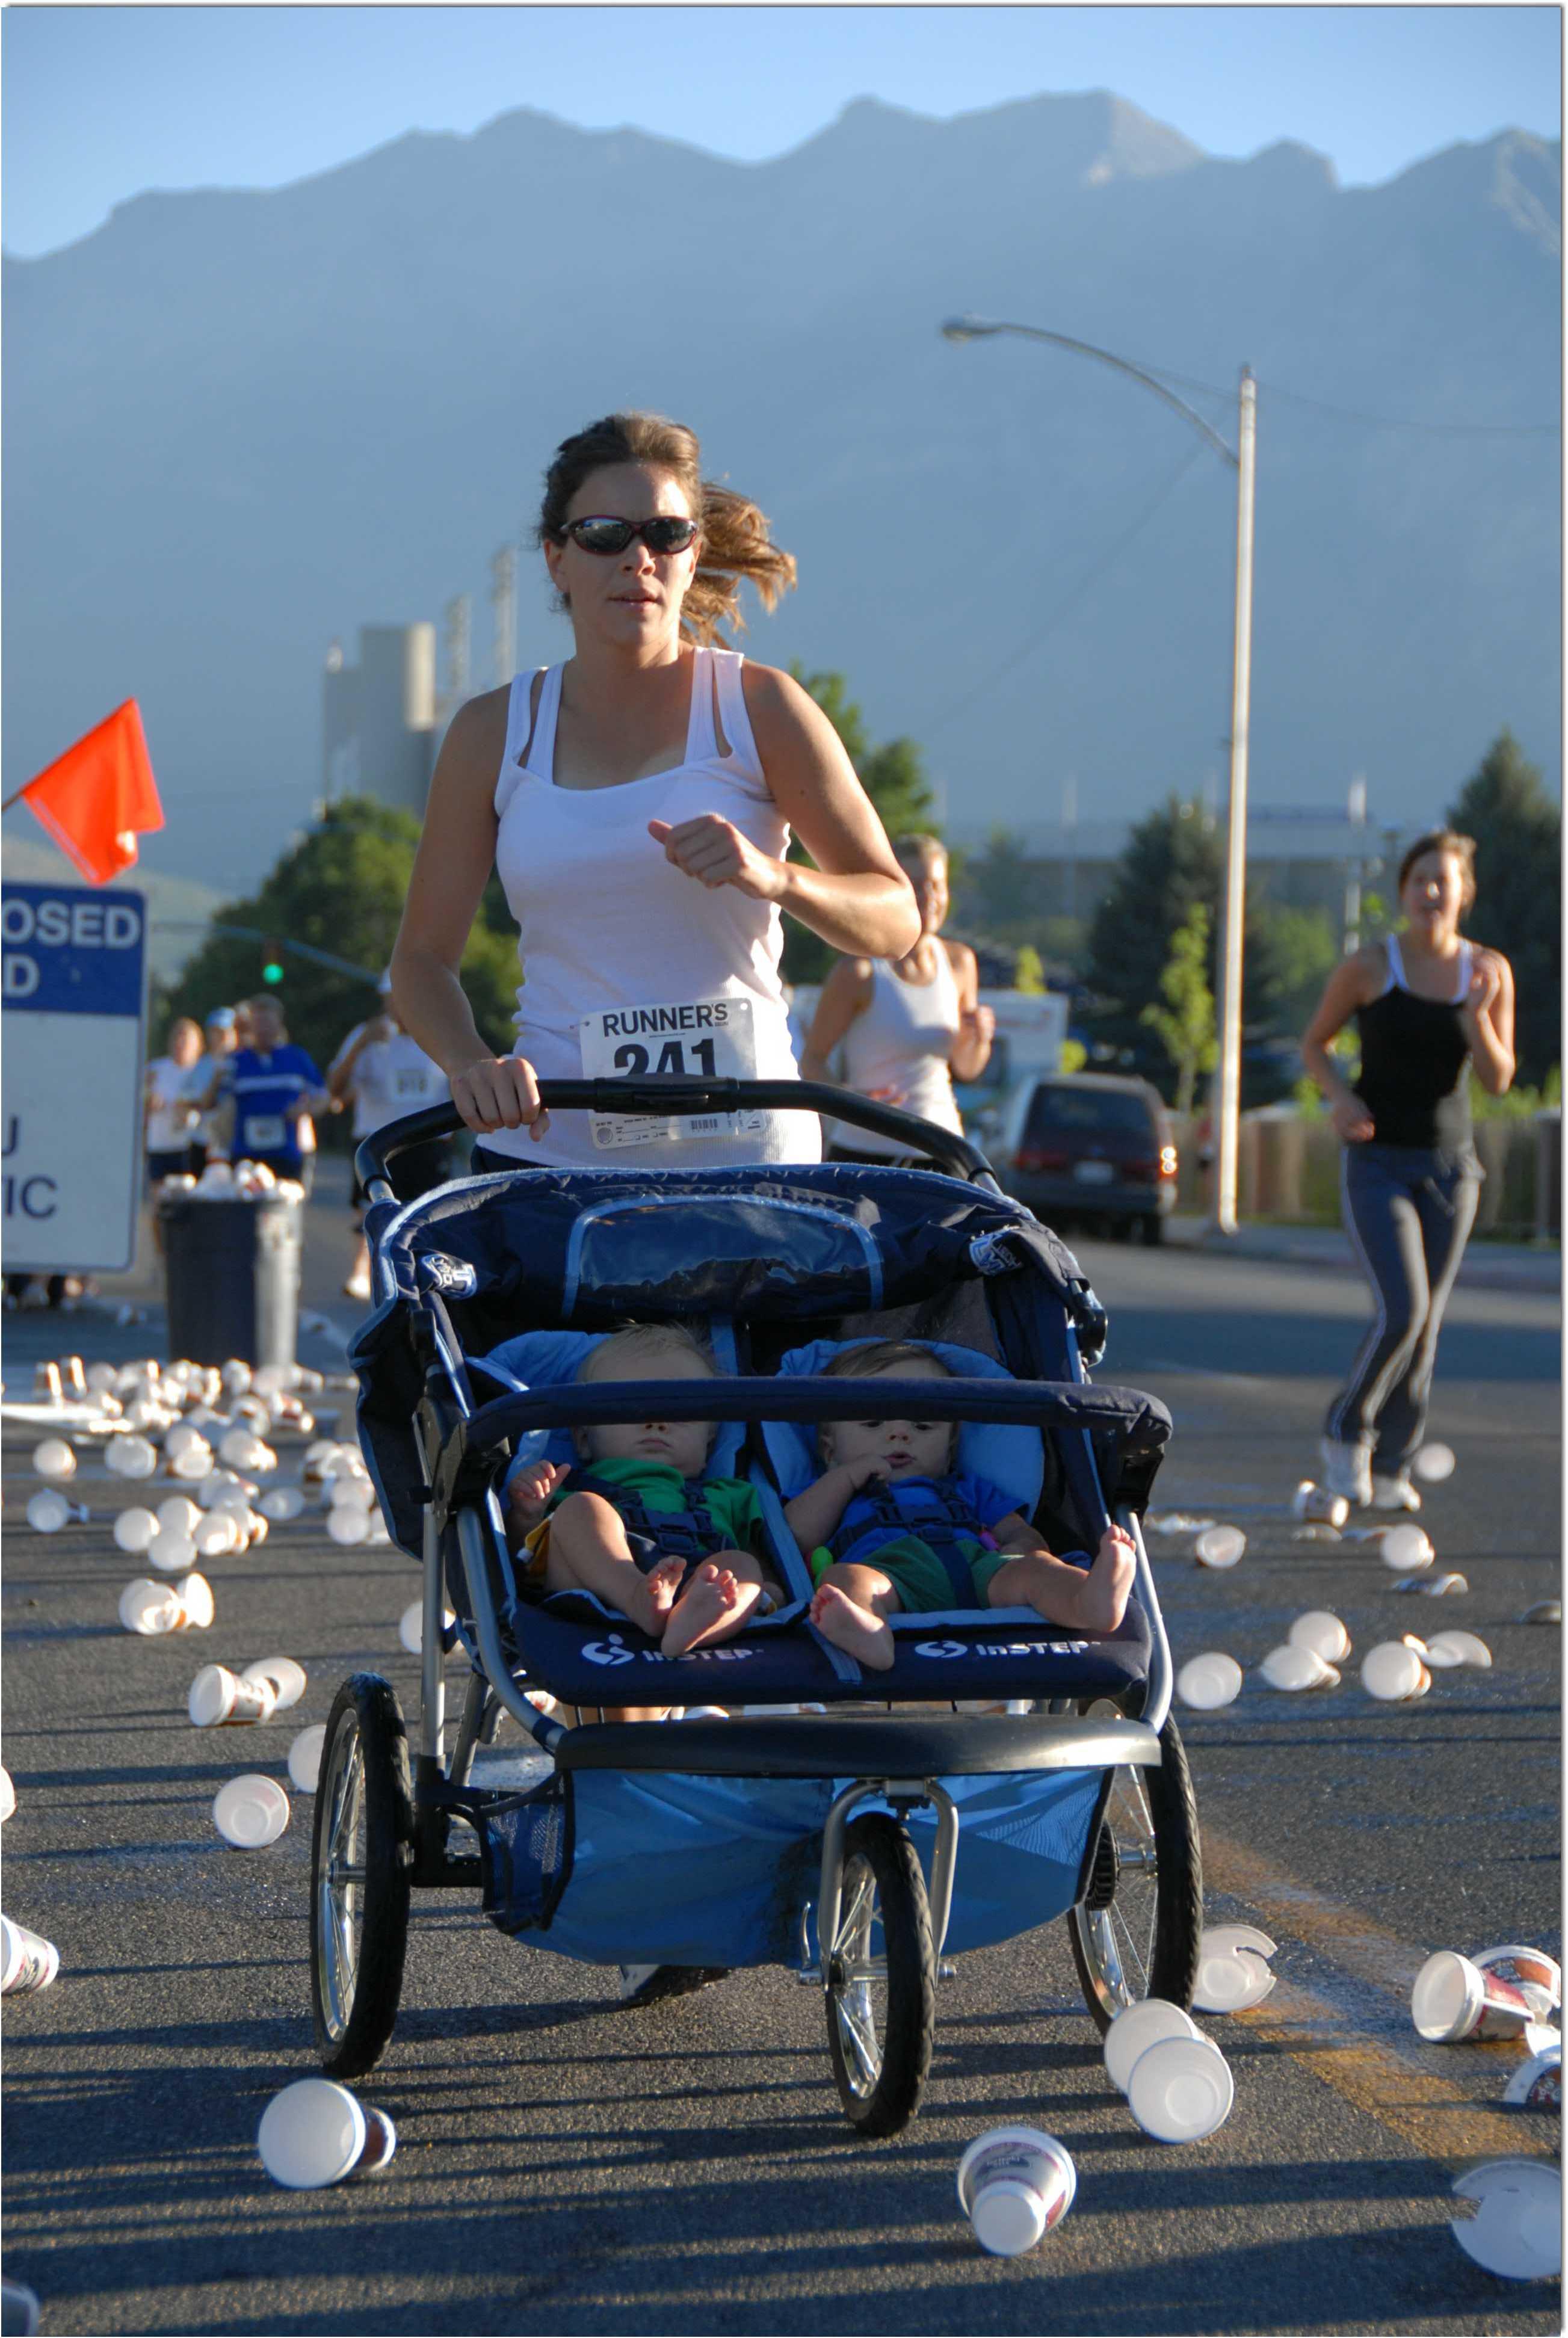 Runner with stroller